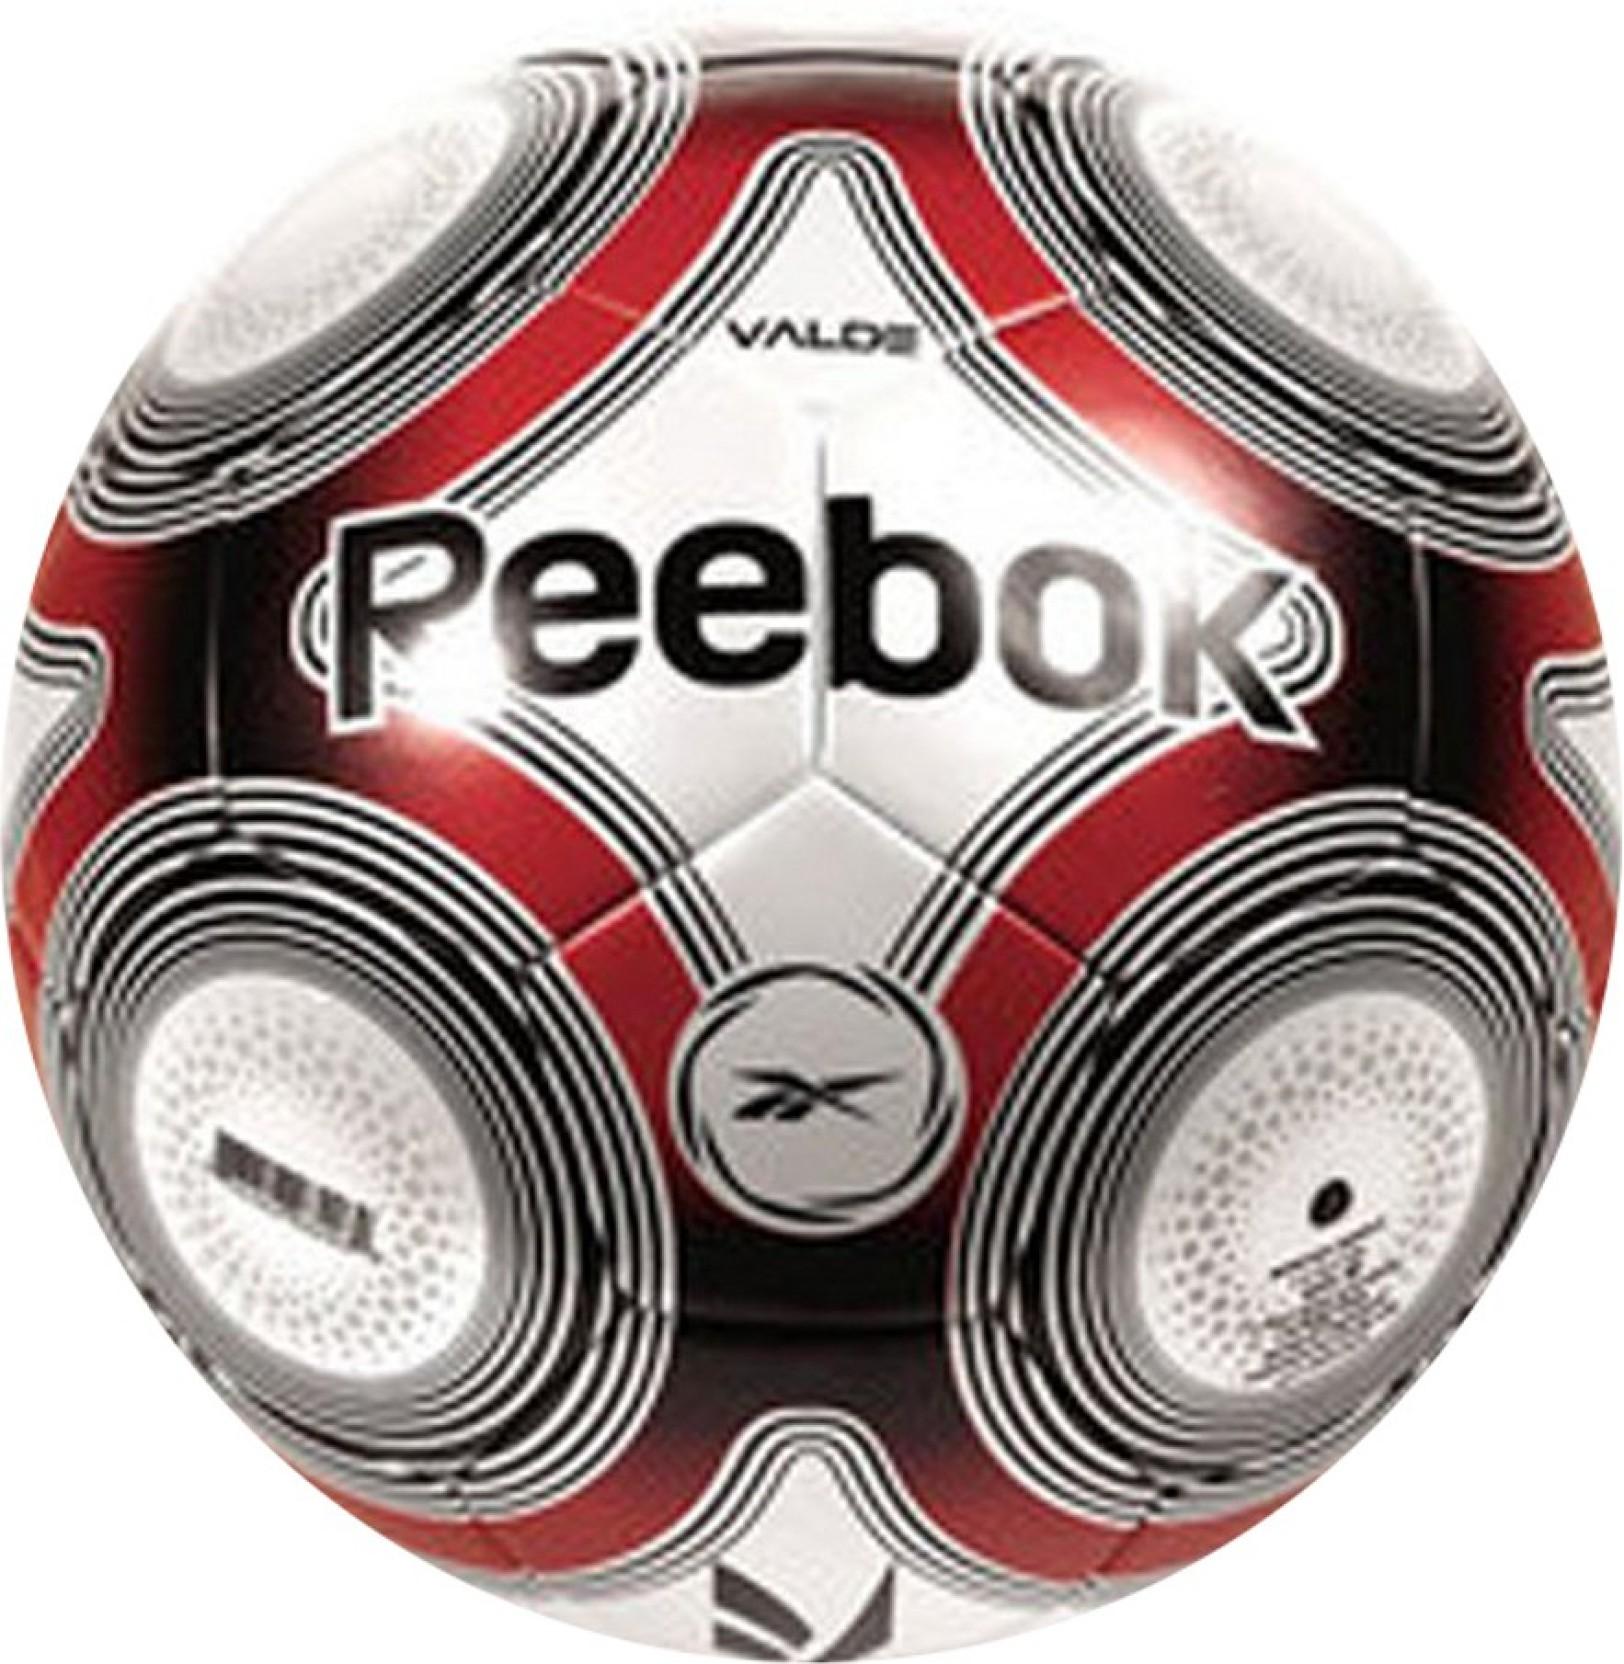 Reebok football size buy reebok football jpg 1624x1664 Reebok football 8604eed6b